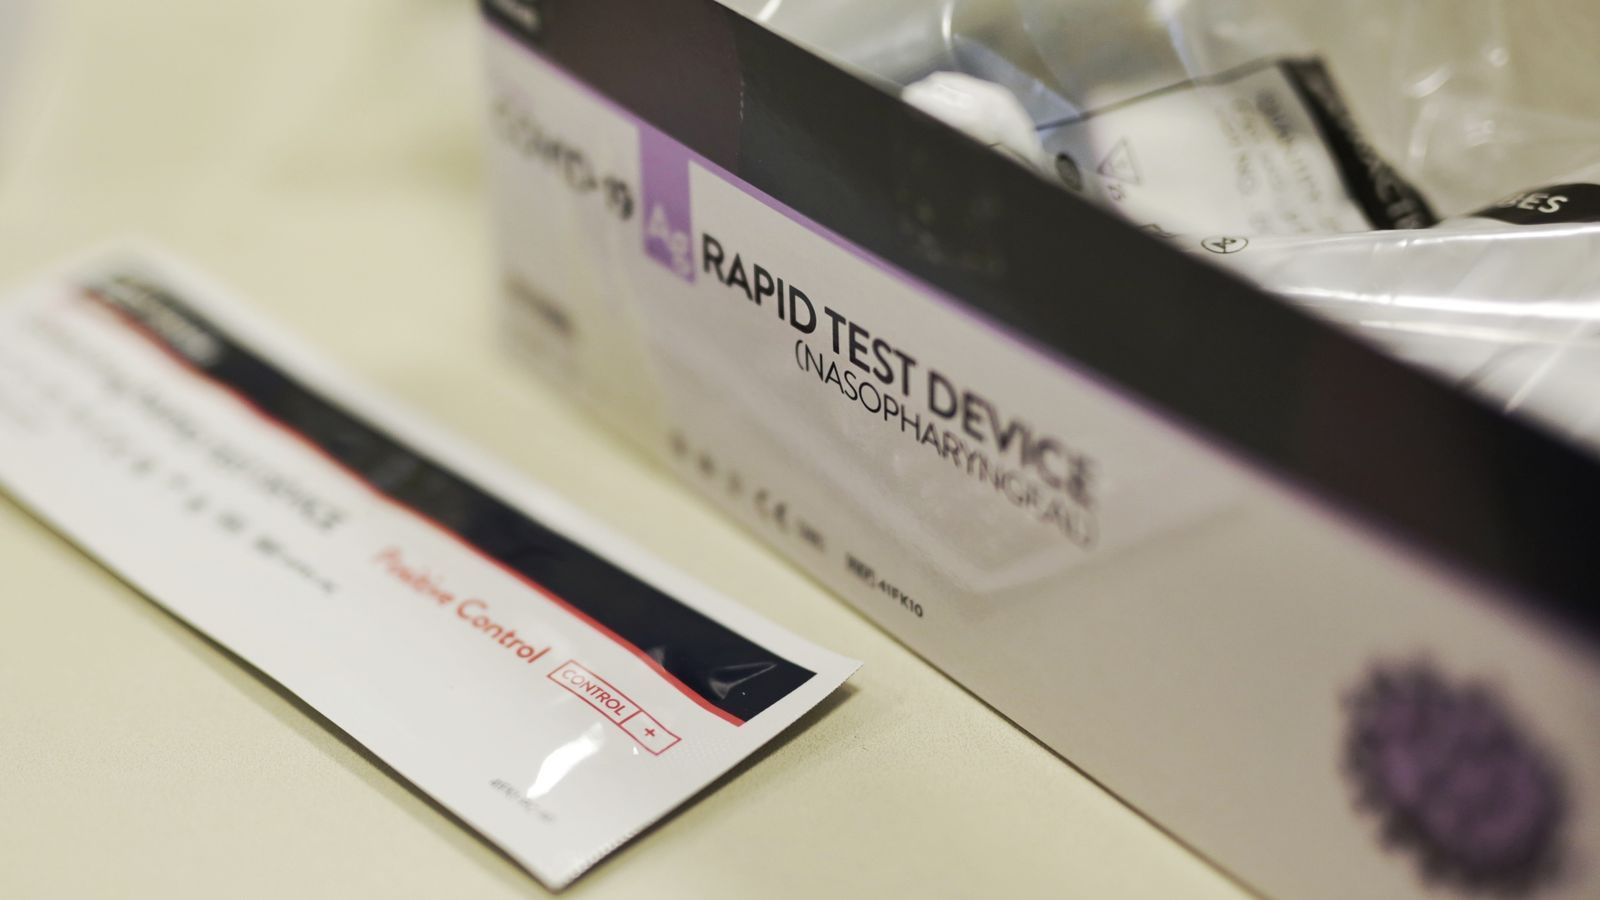 Salut prioritza temporalment els tests d'antígens per als contactes de positius